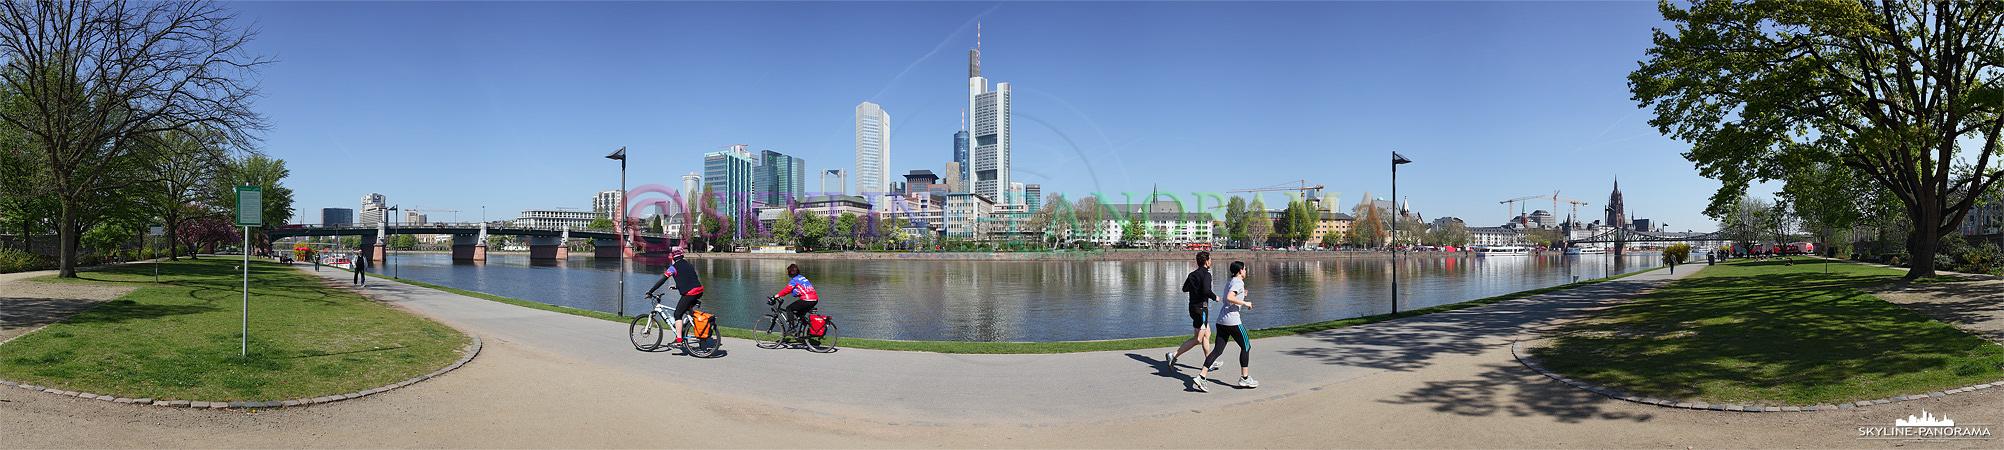 das Frankfurter Mainufer zwischen der Untermainbrücke und dem Eisernen Steg mit Blick auf die Skyline der Mainmetropole